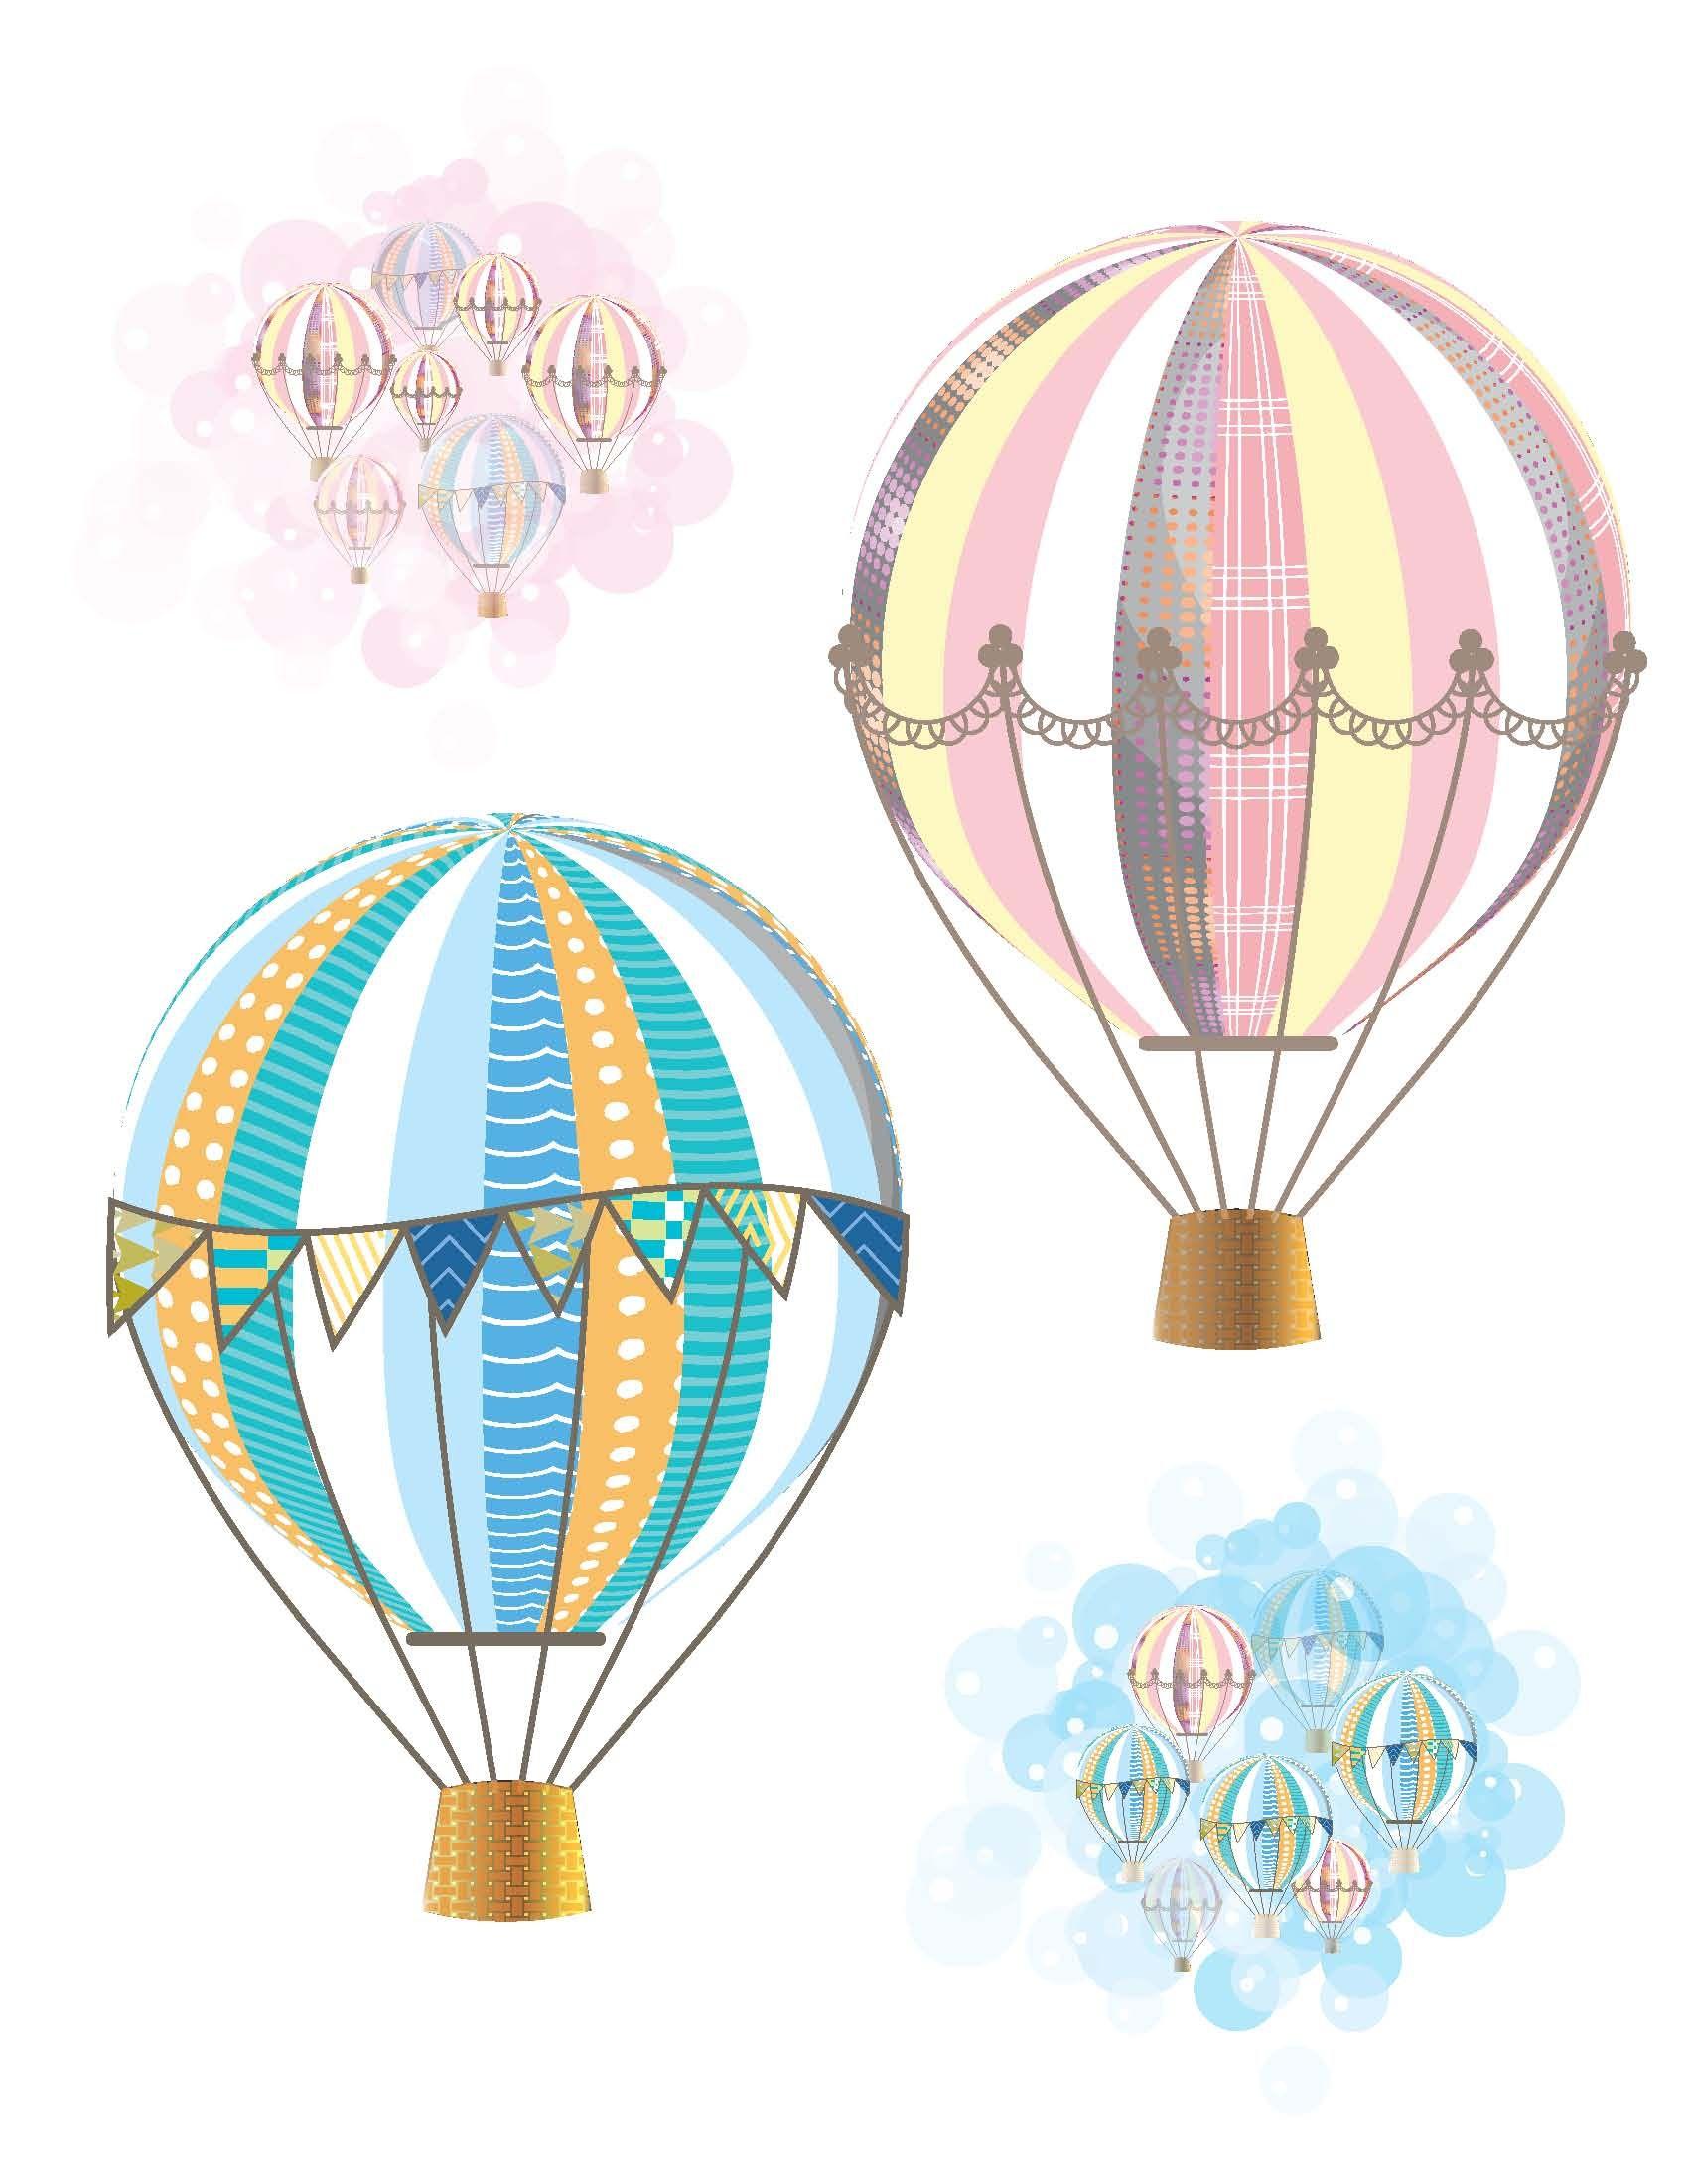 Aesthetic hot air balloon clipart image Pin de Maryam en Free Printables | Globos de aire caliente, Dibujo ... image